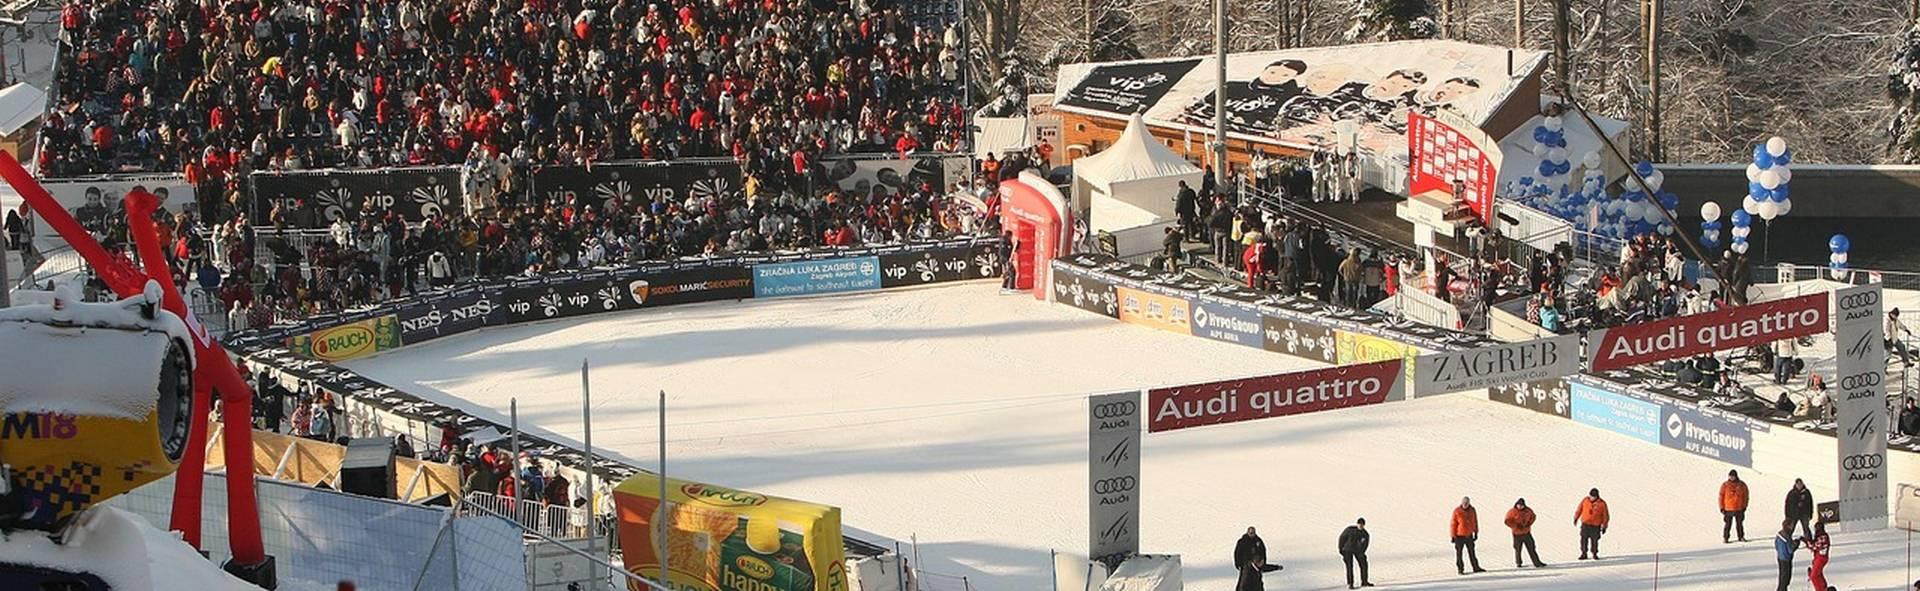 SNJEŽNA KRALJICA, SLJEME 2015. Skijaška elita na vrhu Sljemena